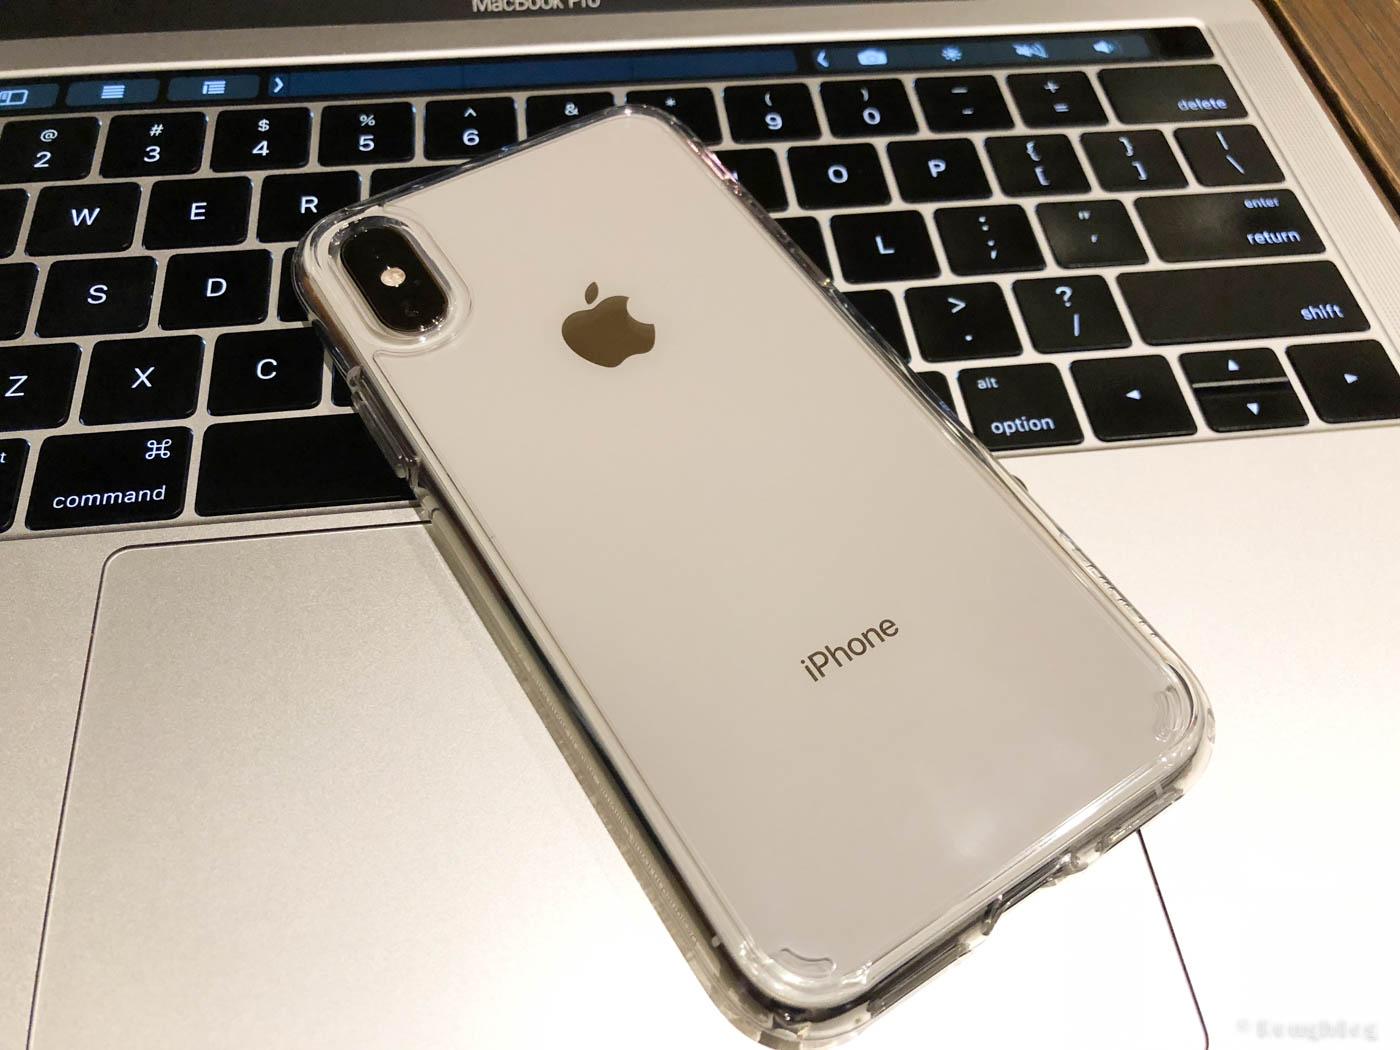 透明ケースはiPhone本体カラーやデザインを楽しめる